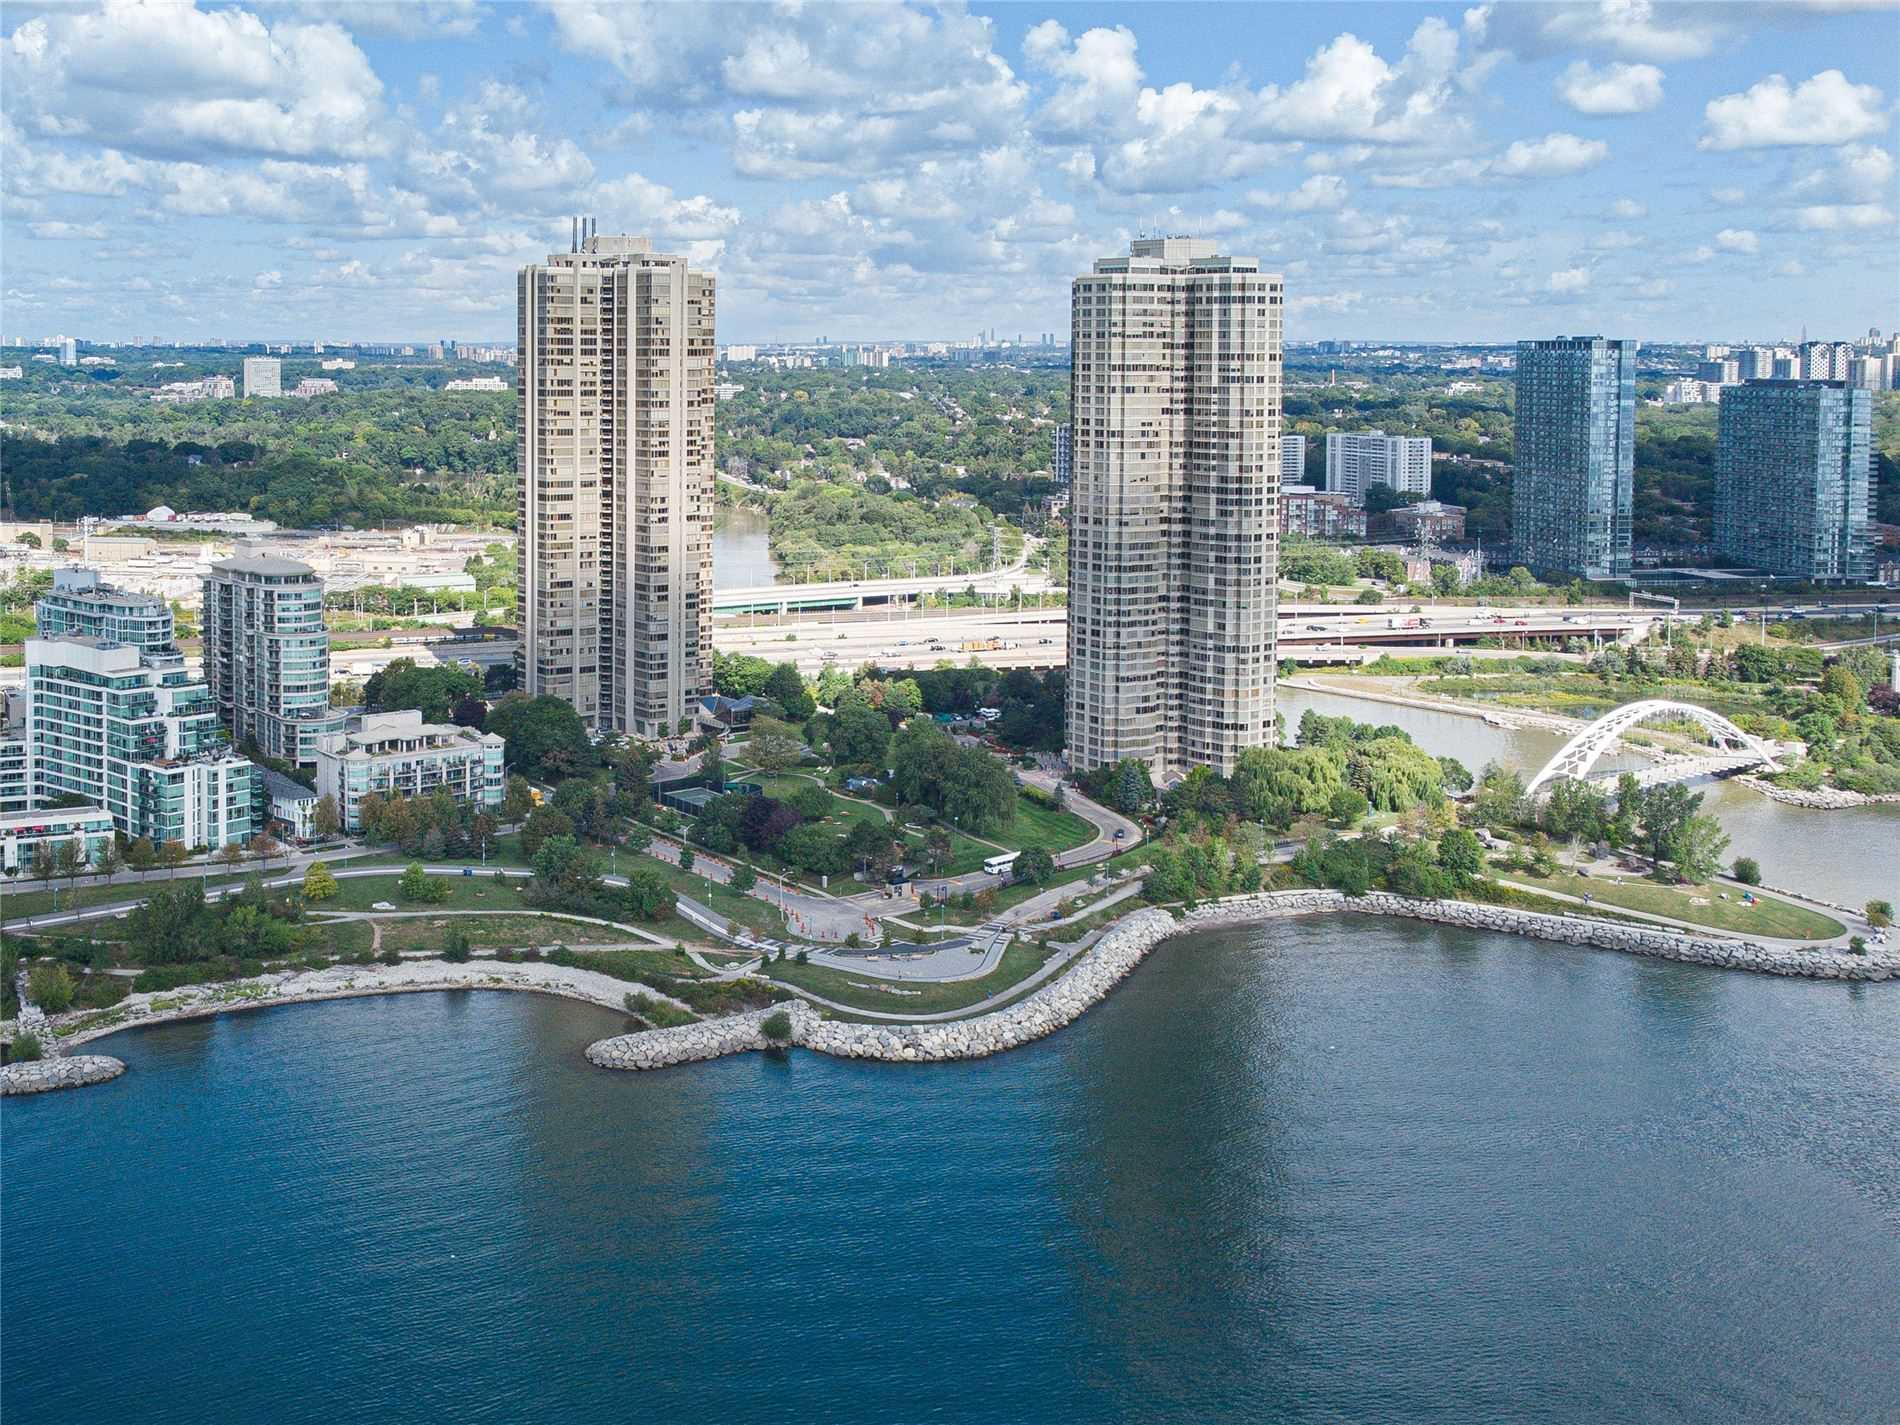 317 - 2095 Lake Shore Blvd W - Mimico Condo Apt for sale, 2 Bedrooms (W5369727) - #37